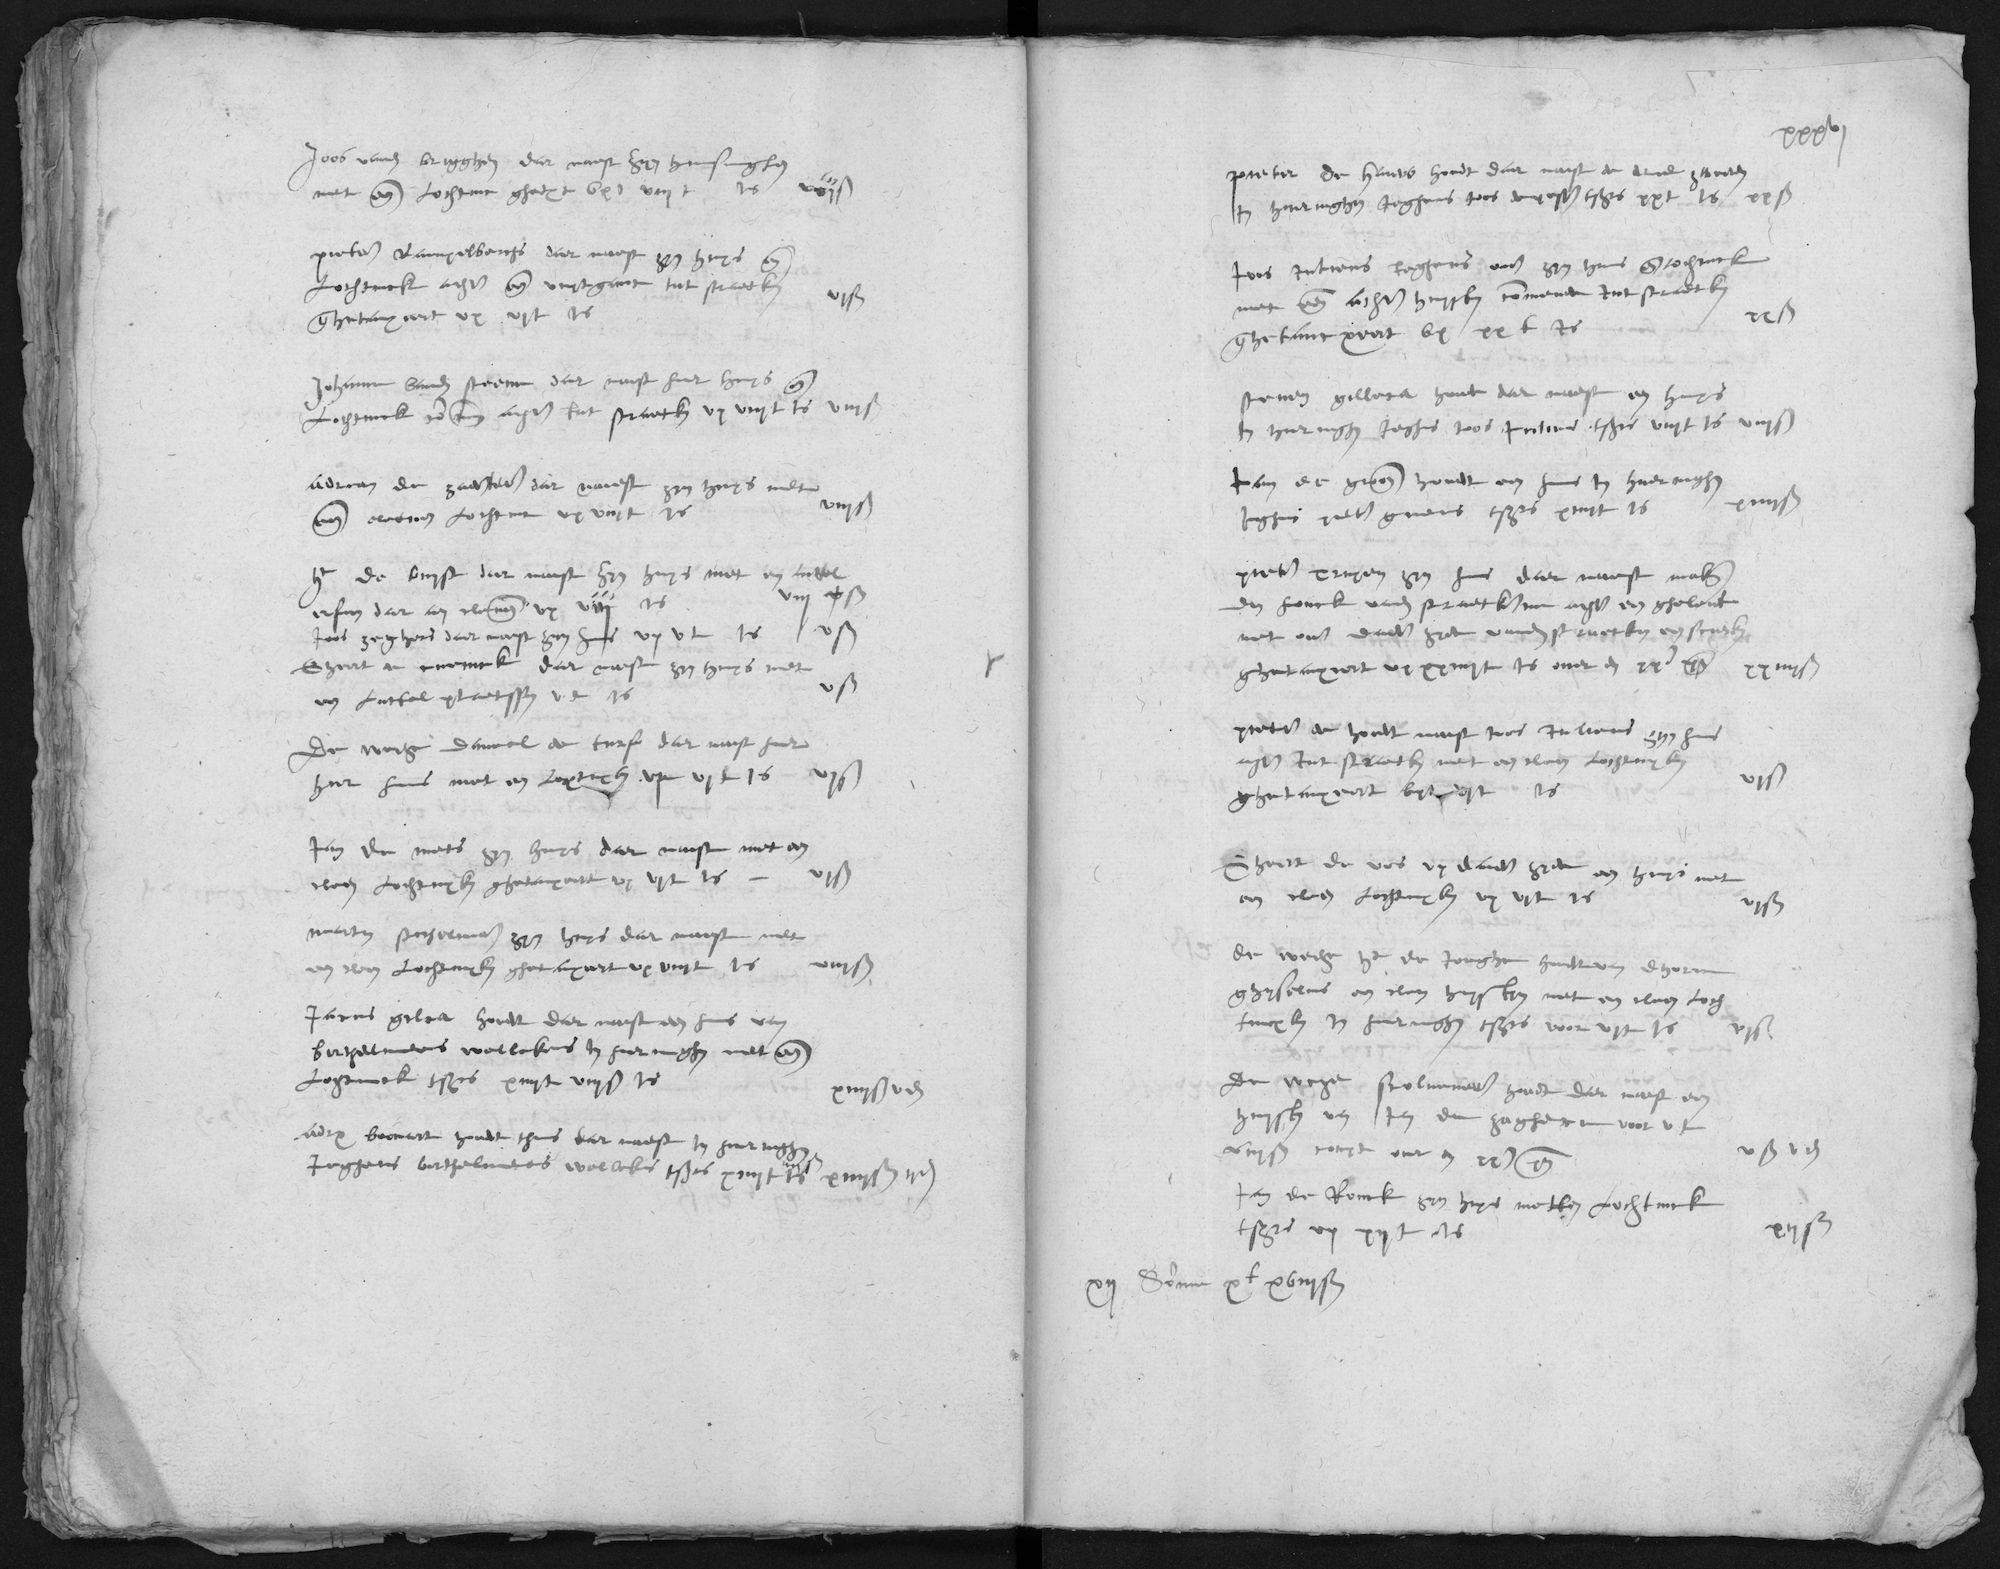 Kohier van de 20ste penning in Ninove, 1572